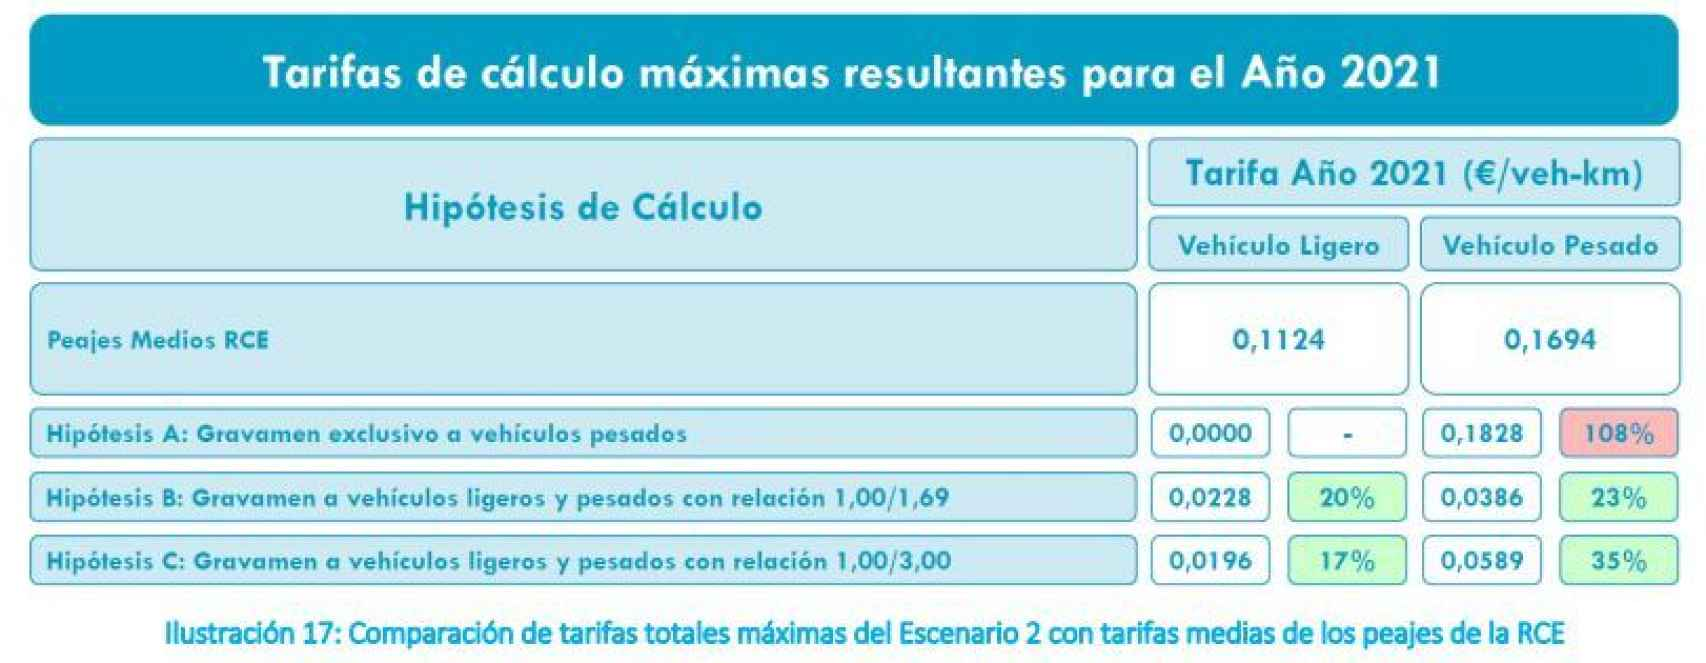 tarifas de cálculo